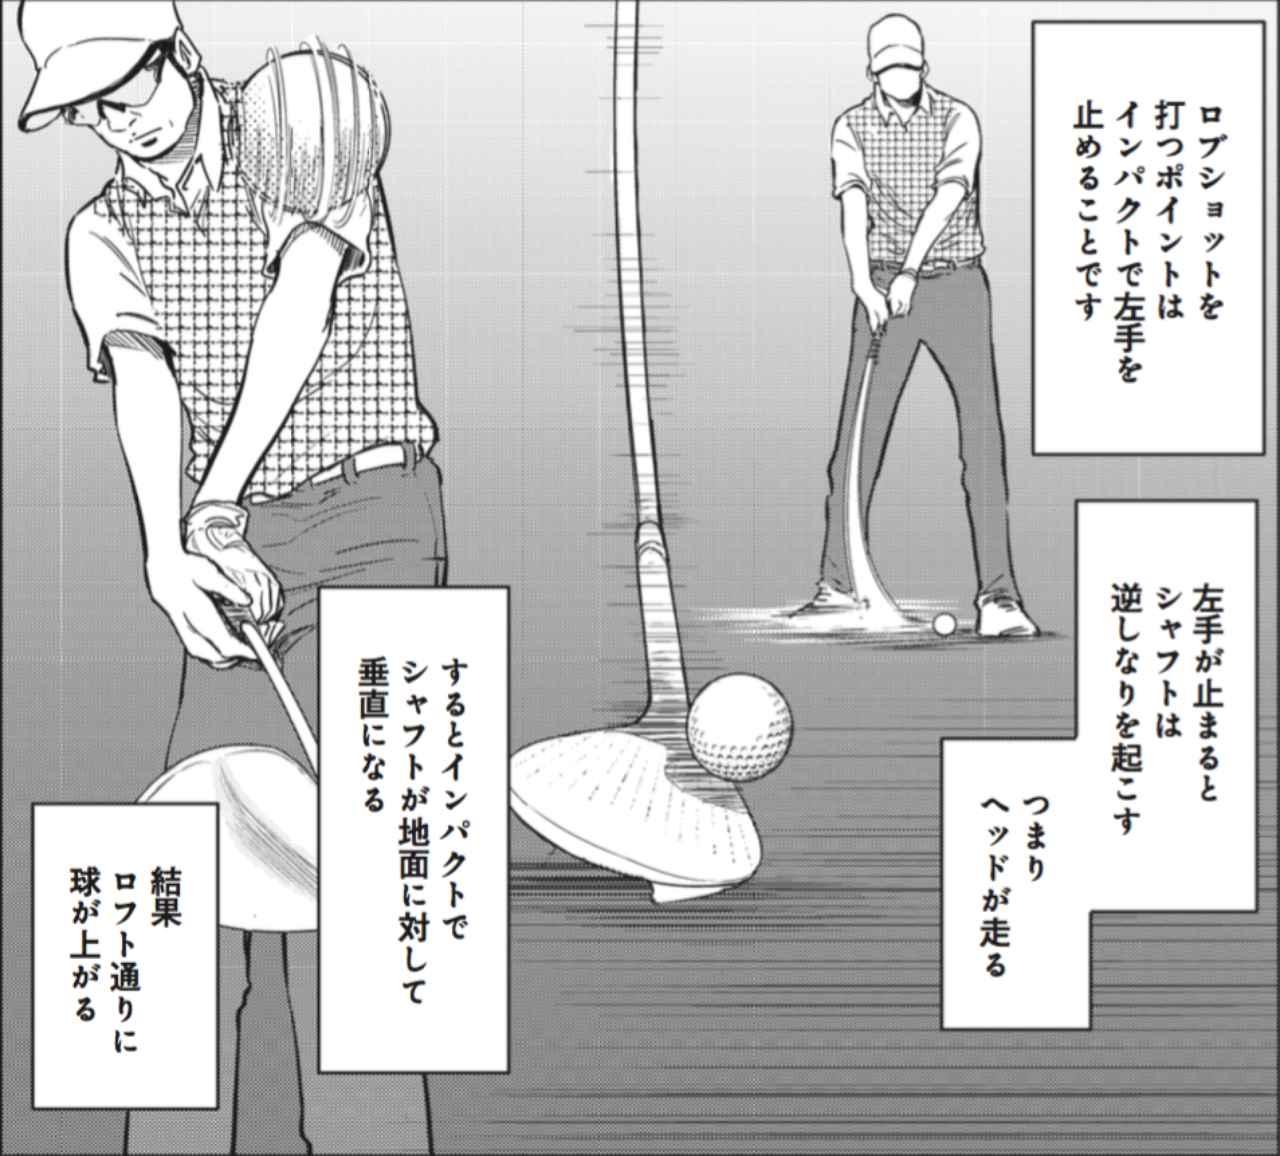 画像: インパクトで左手を止めるから、真っすぐ当たってボールが上がる